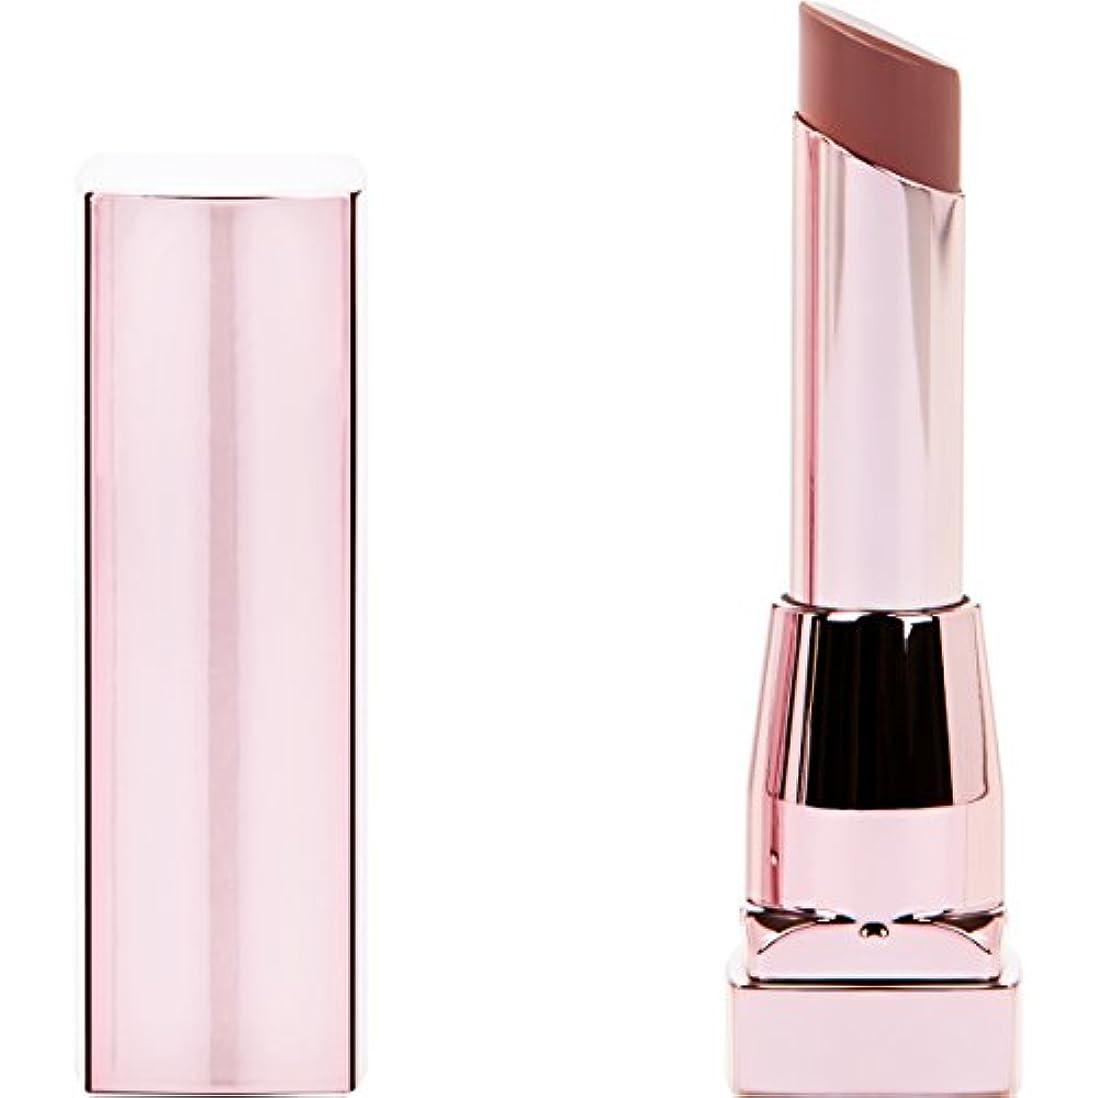 誤ヒョウ枯れるMAYBELLINE Color Sensational Shine Compulsion Lipstick - Spicy Mauve 065 (並行輸入品)